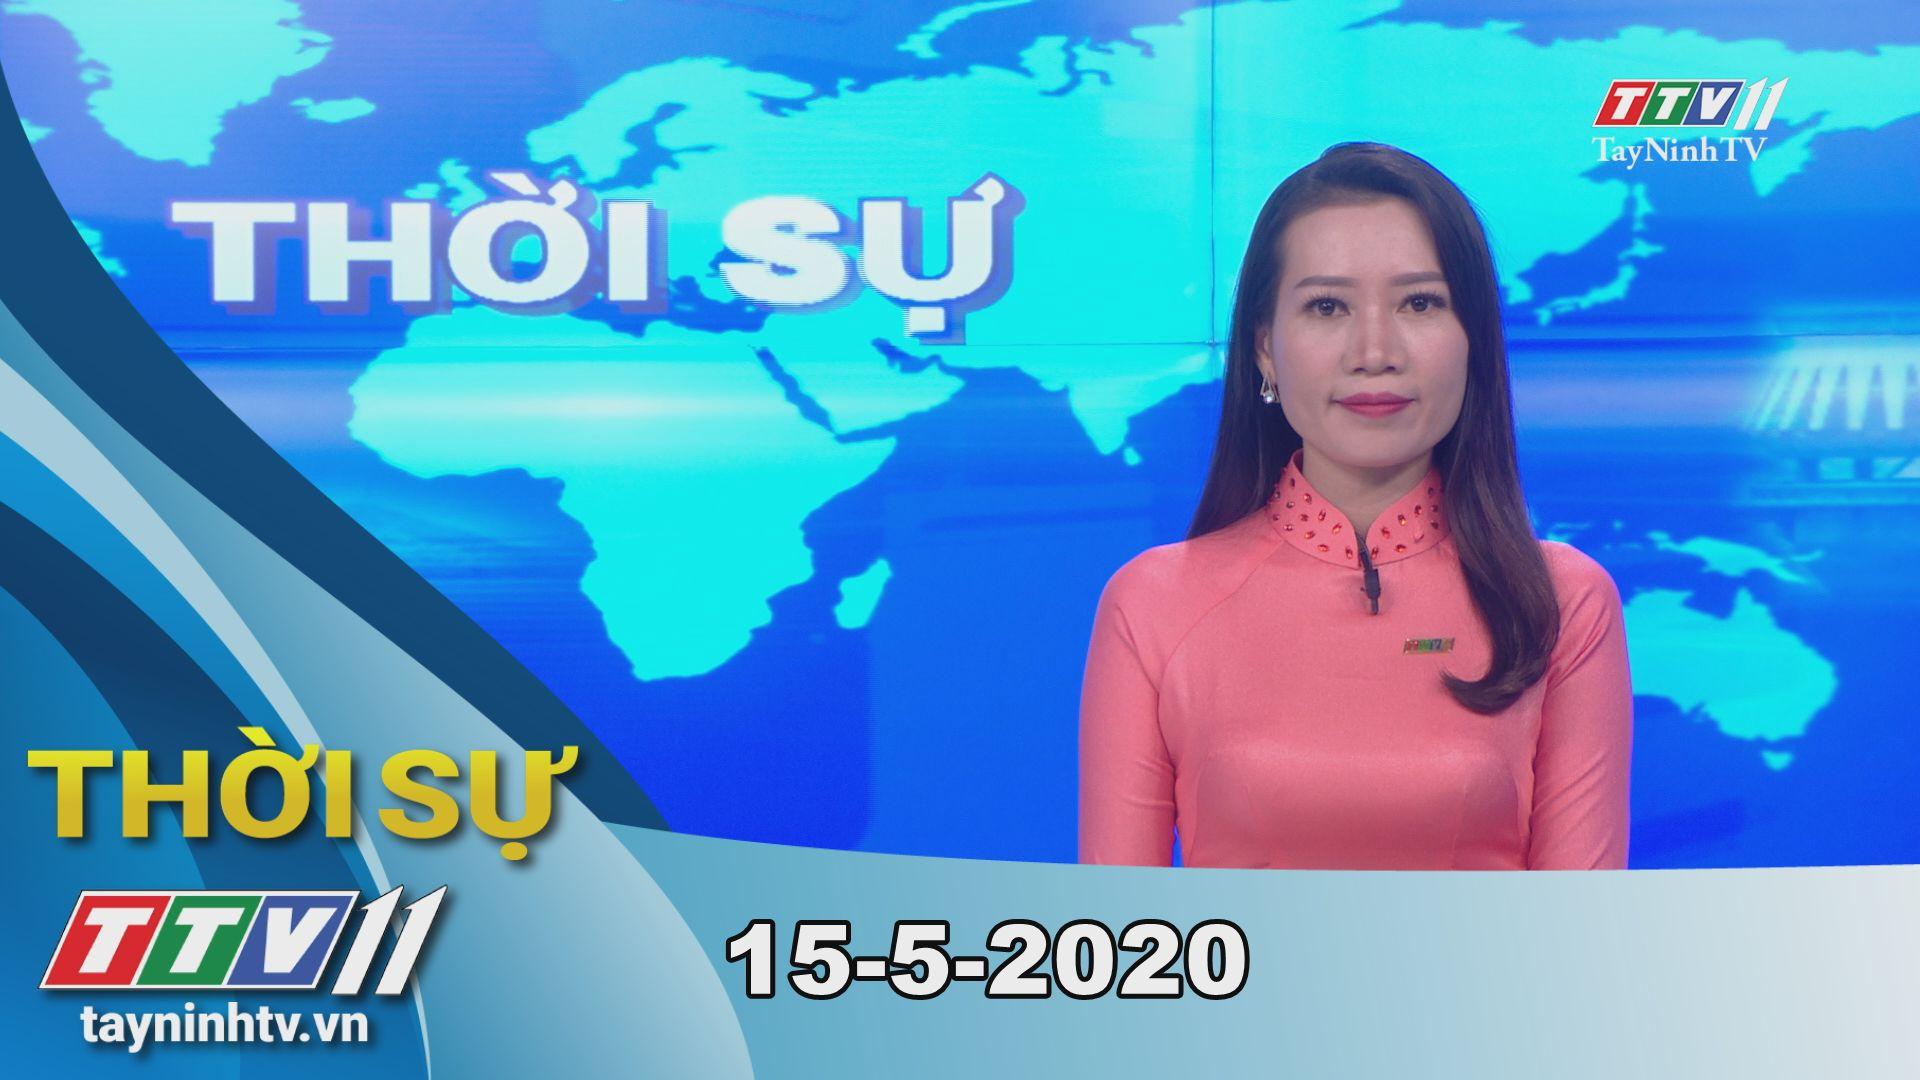 Thời sự Tây Ninh 15-5-2020 | Tin tức hôm nay | TayNinhTV